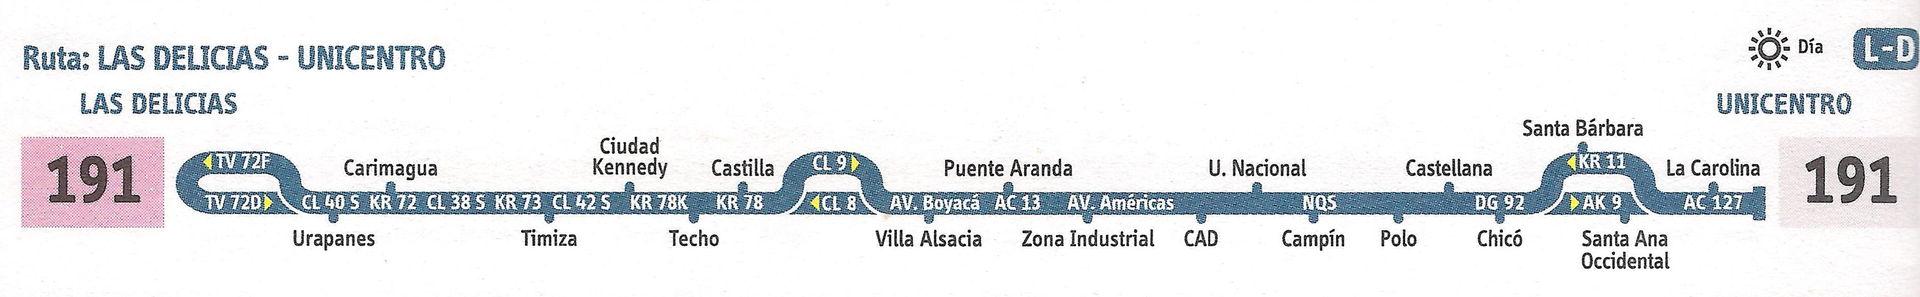 Ruta 191: Unicentro - Las Delicias [Urbana] 1